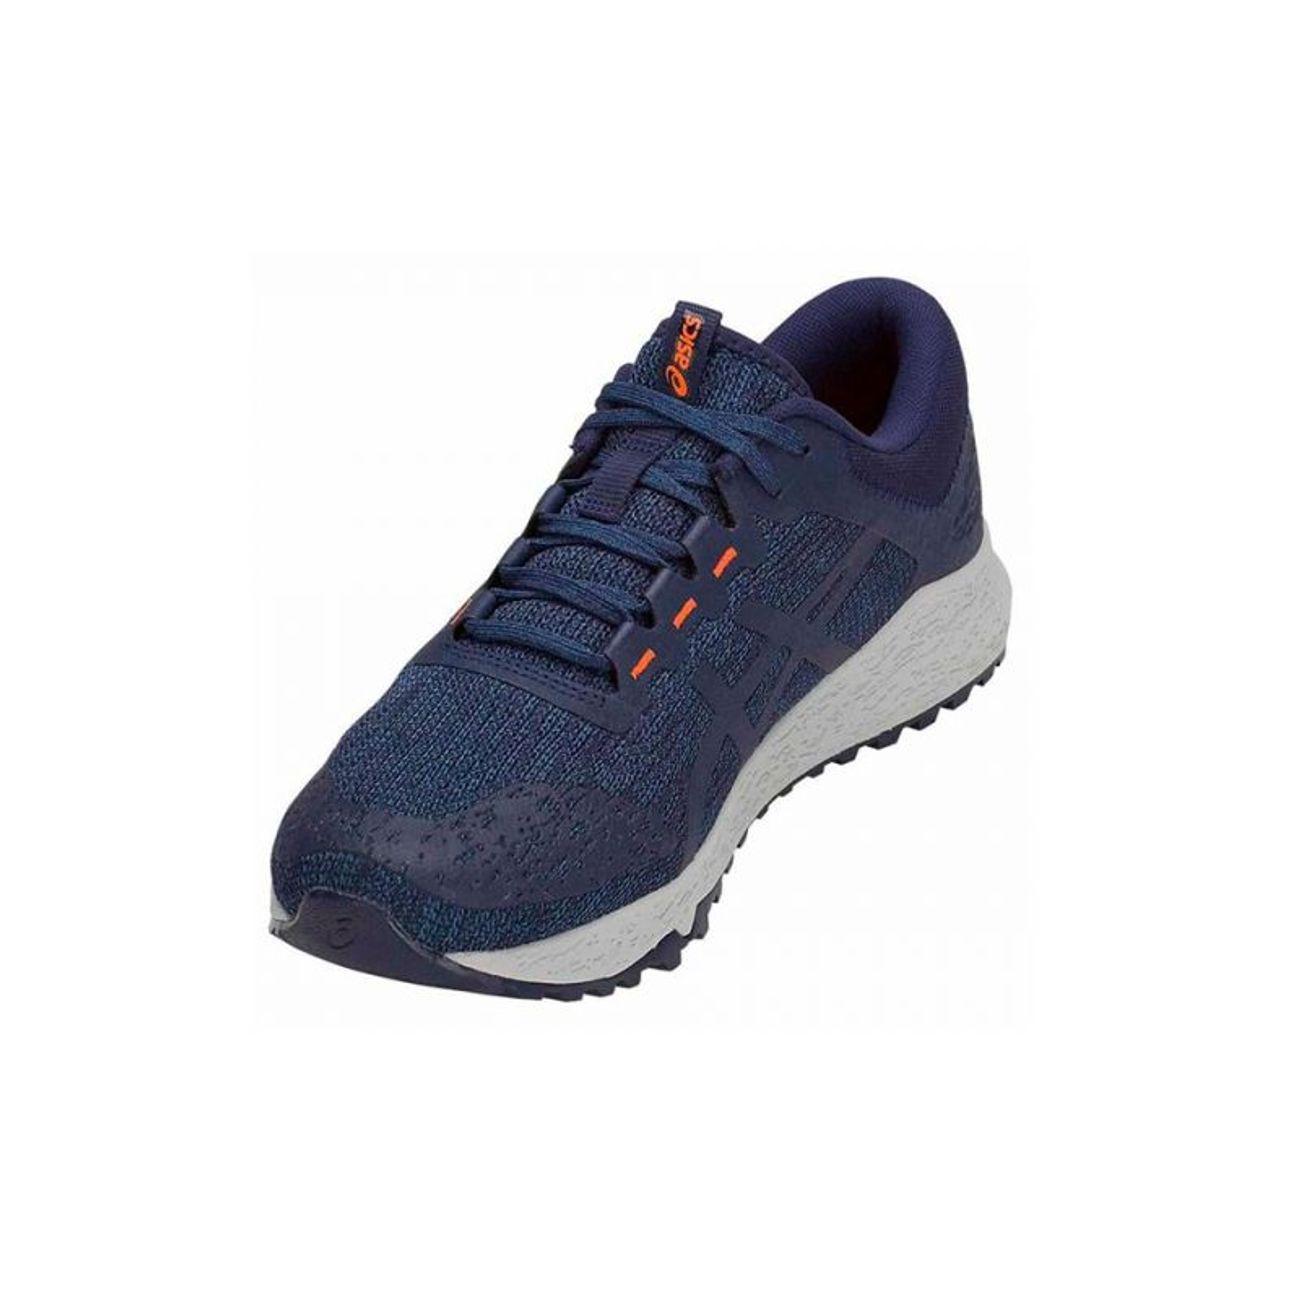 Chaussures Asics Alpine Xt – achat et prix pas cher Go Sport